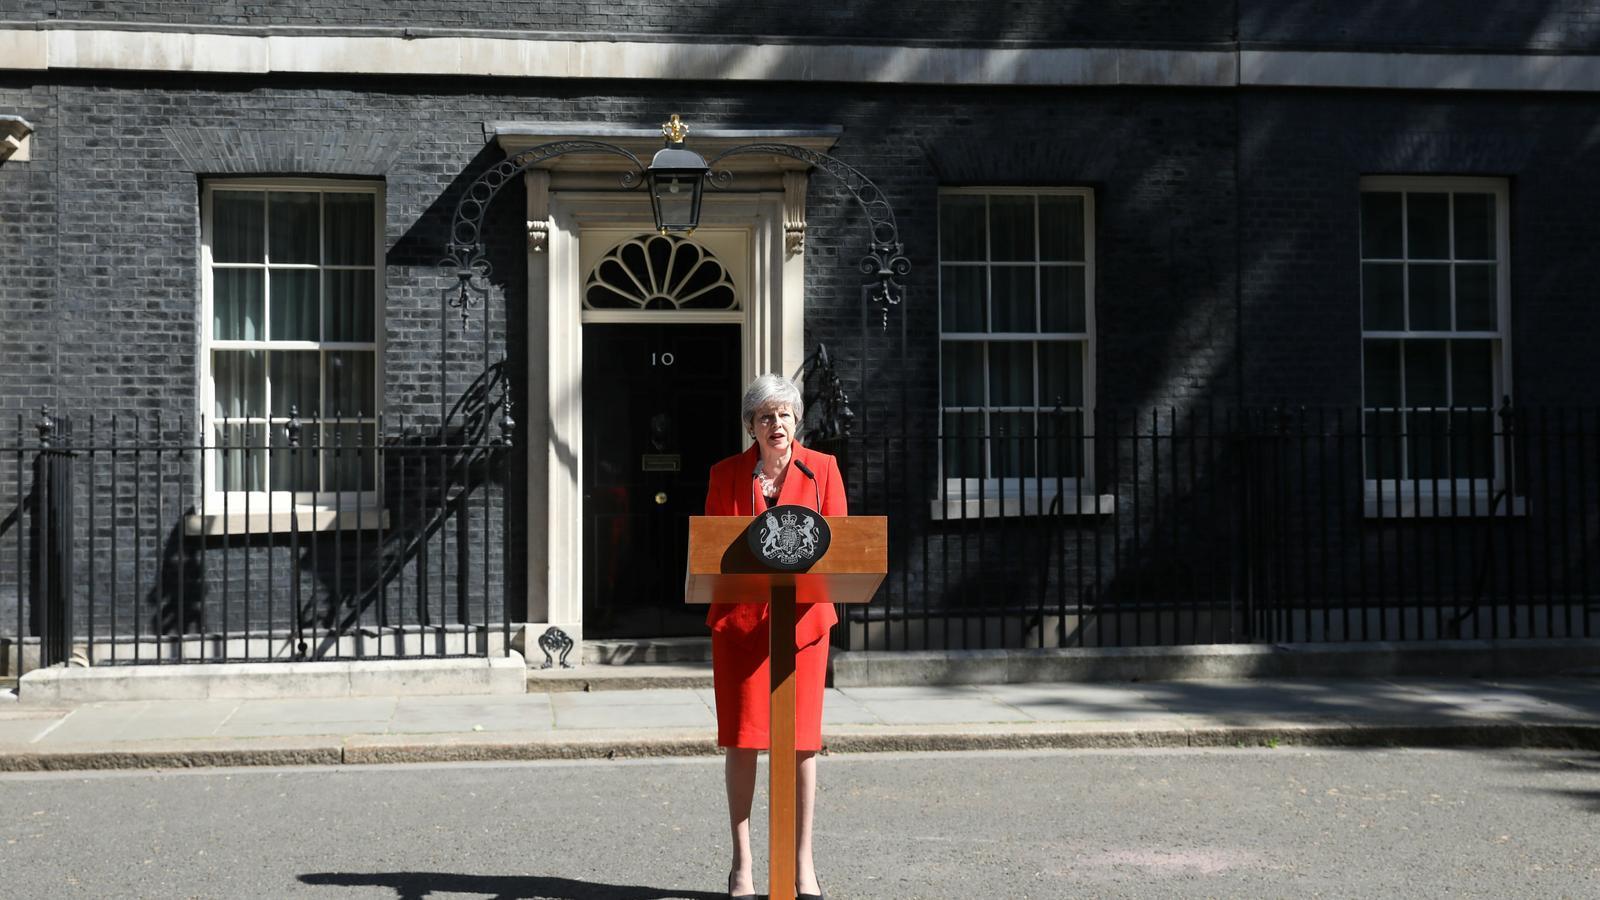 Mil dies de govern de May: com ha arribat fins aquí?